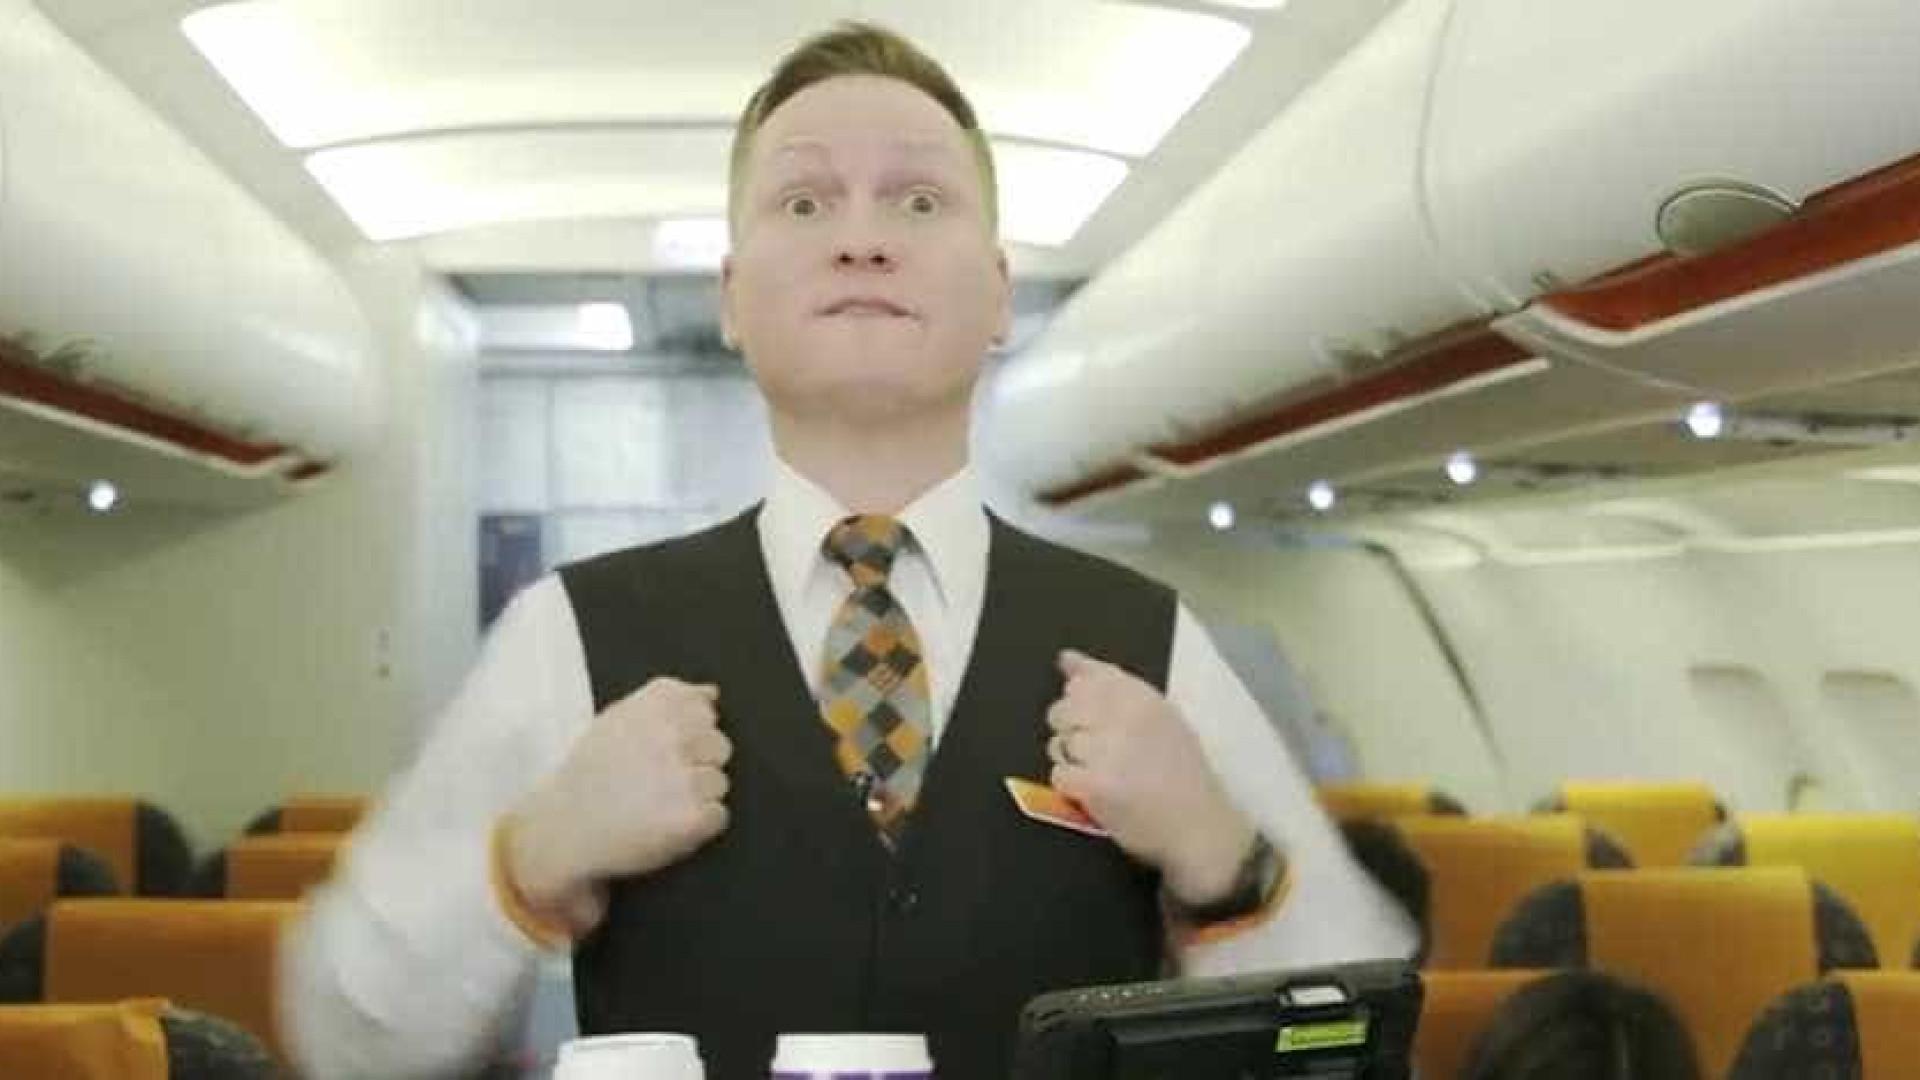 Eis os secretos (e estranhos) gestos dos assistentes de bordo